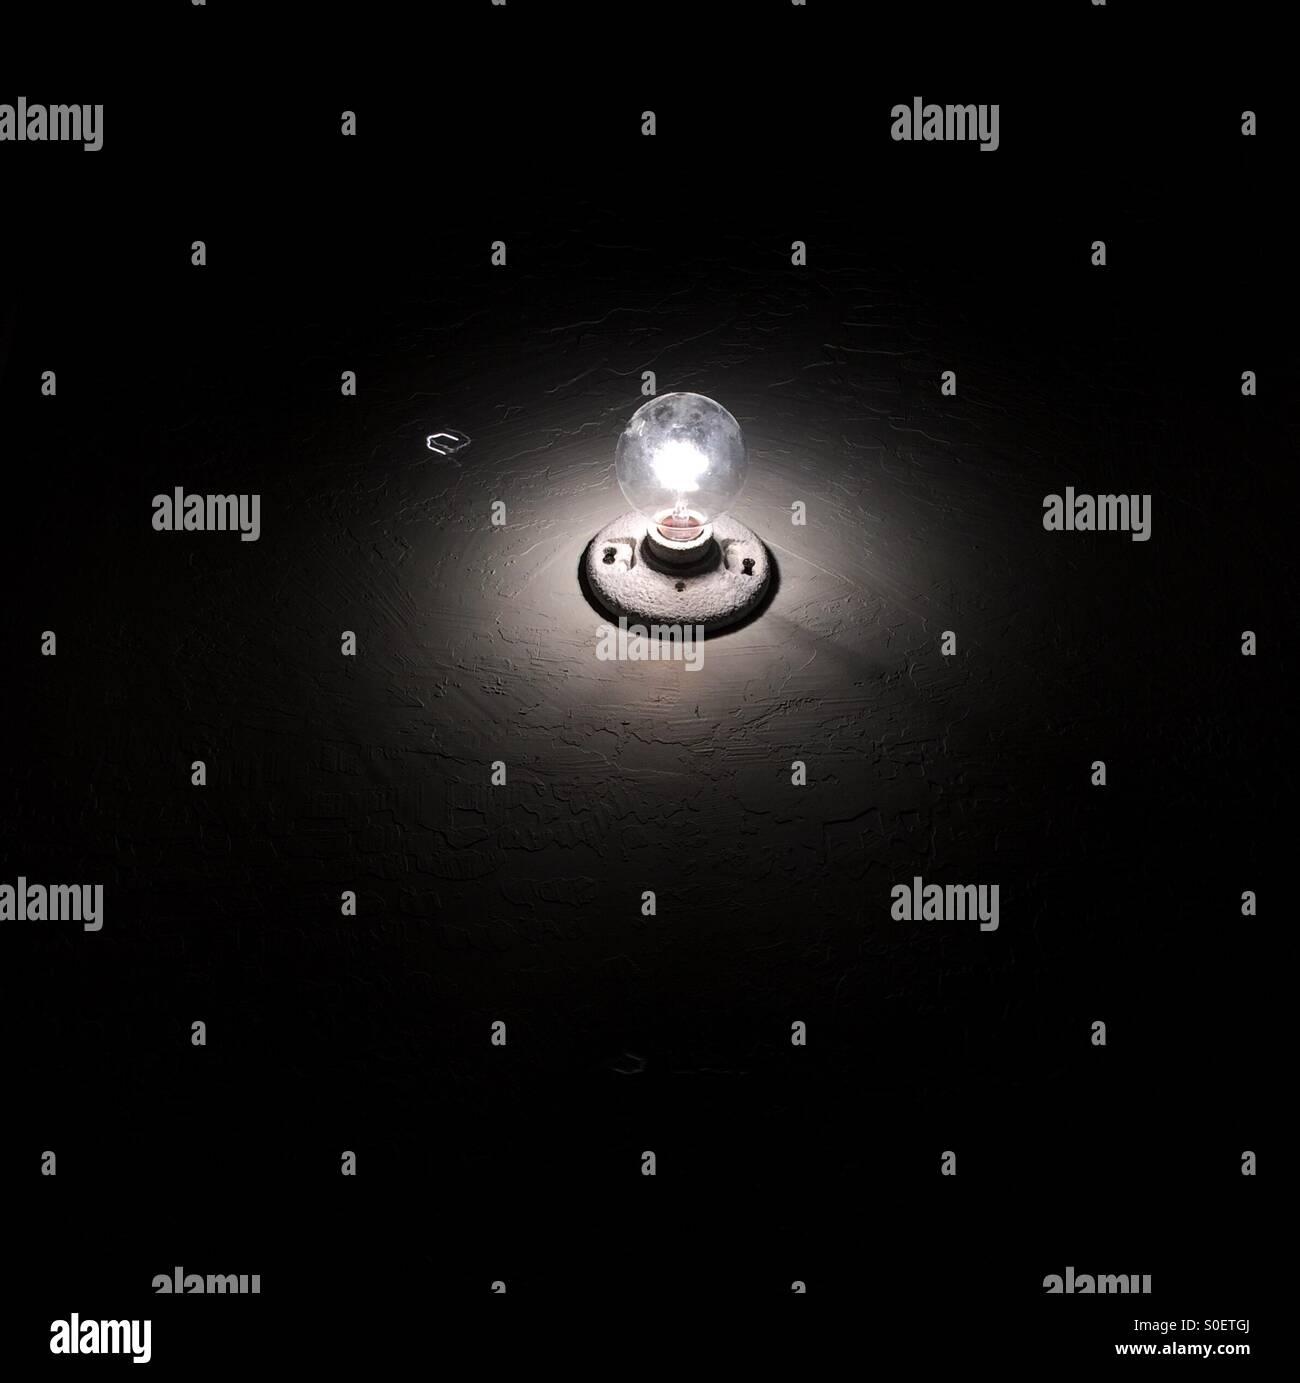 Dark room with light bulb - Light Bulb In A Dark Room